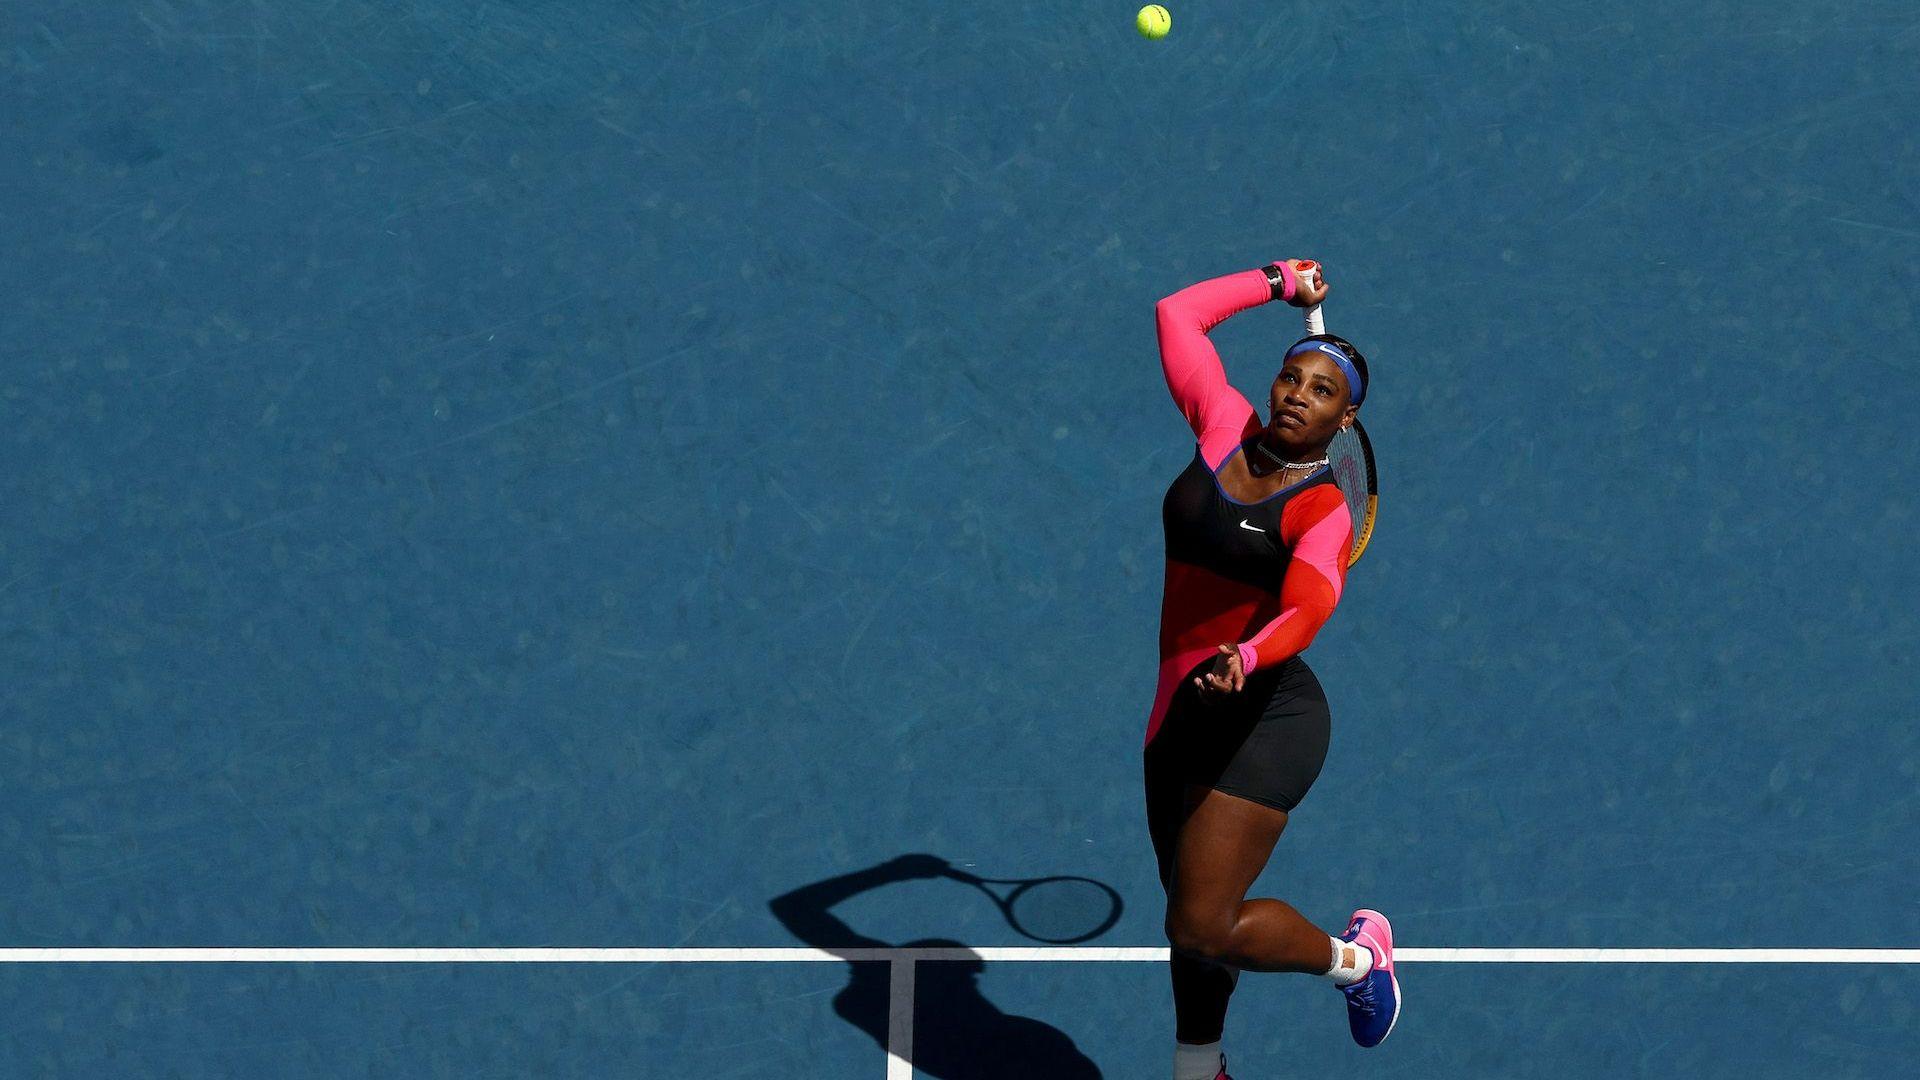 Серина най-сетне даде сет и се потруди доста, за да стигне до четвъртфинал